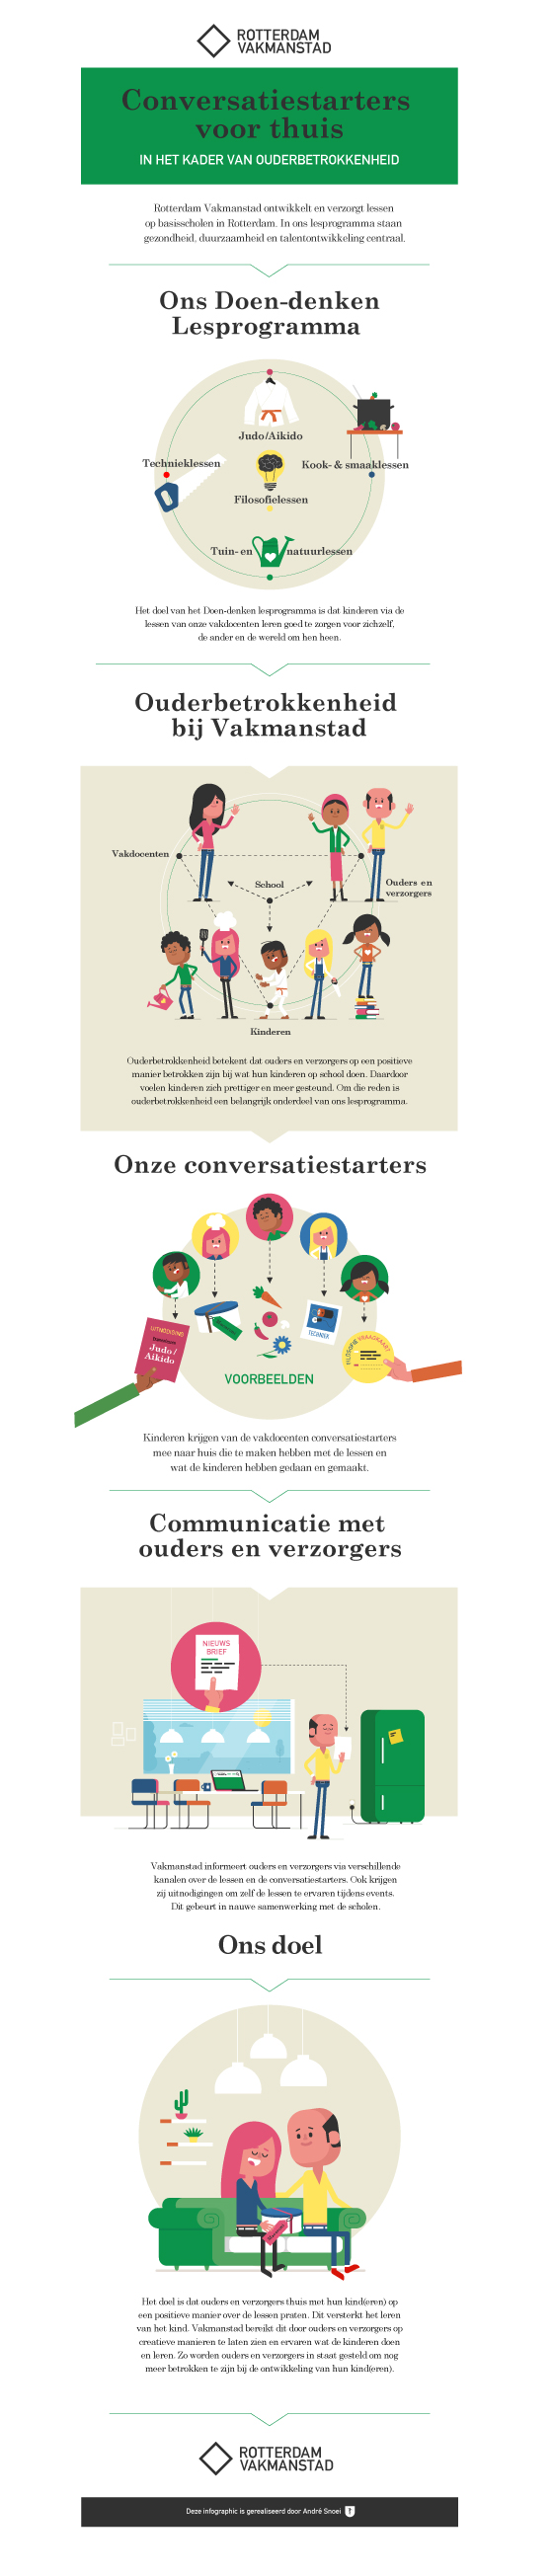 vakmanstad-grafisch-ontwerpbureau-rotterdam-infographic-laten-maken-rotterdam-infographic-laten-maken-freelance-illustrator-560px